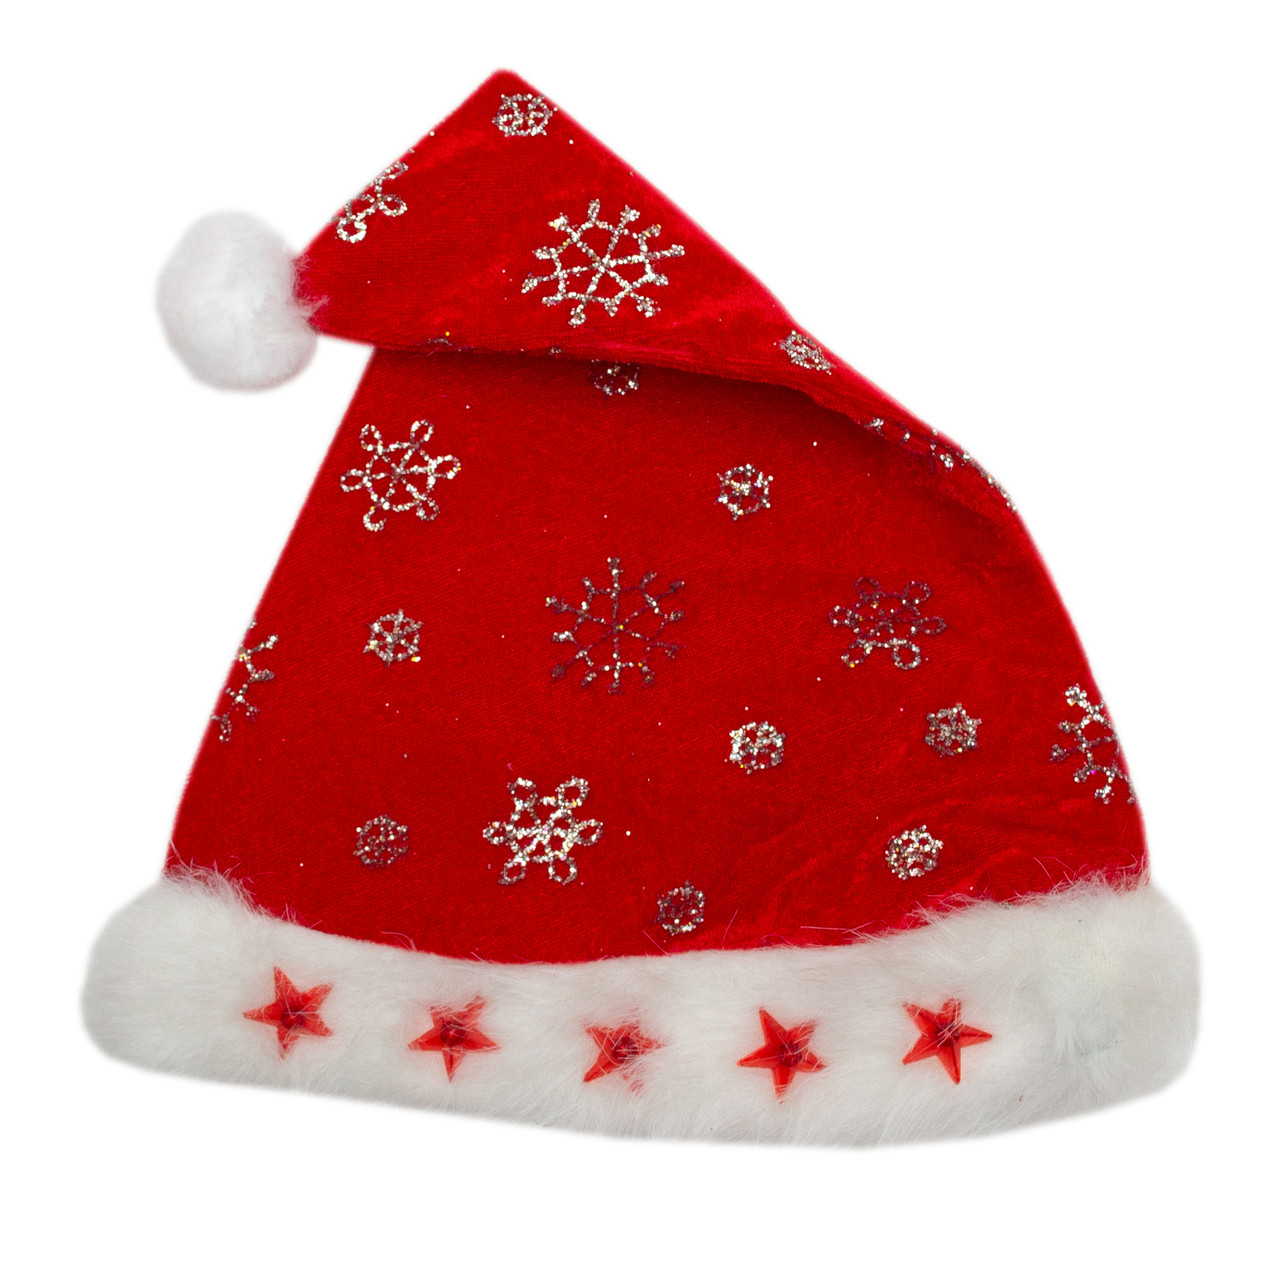 Новогодний колпак со звездами, 55-56 см, красный, полиэстер, вельвет (460304)